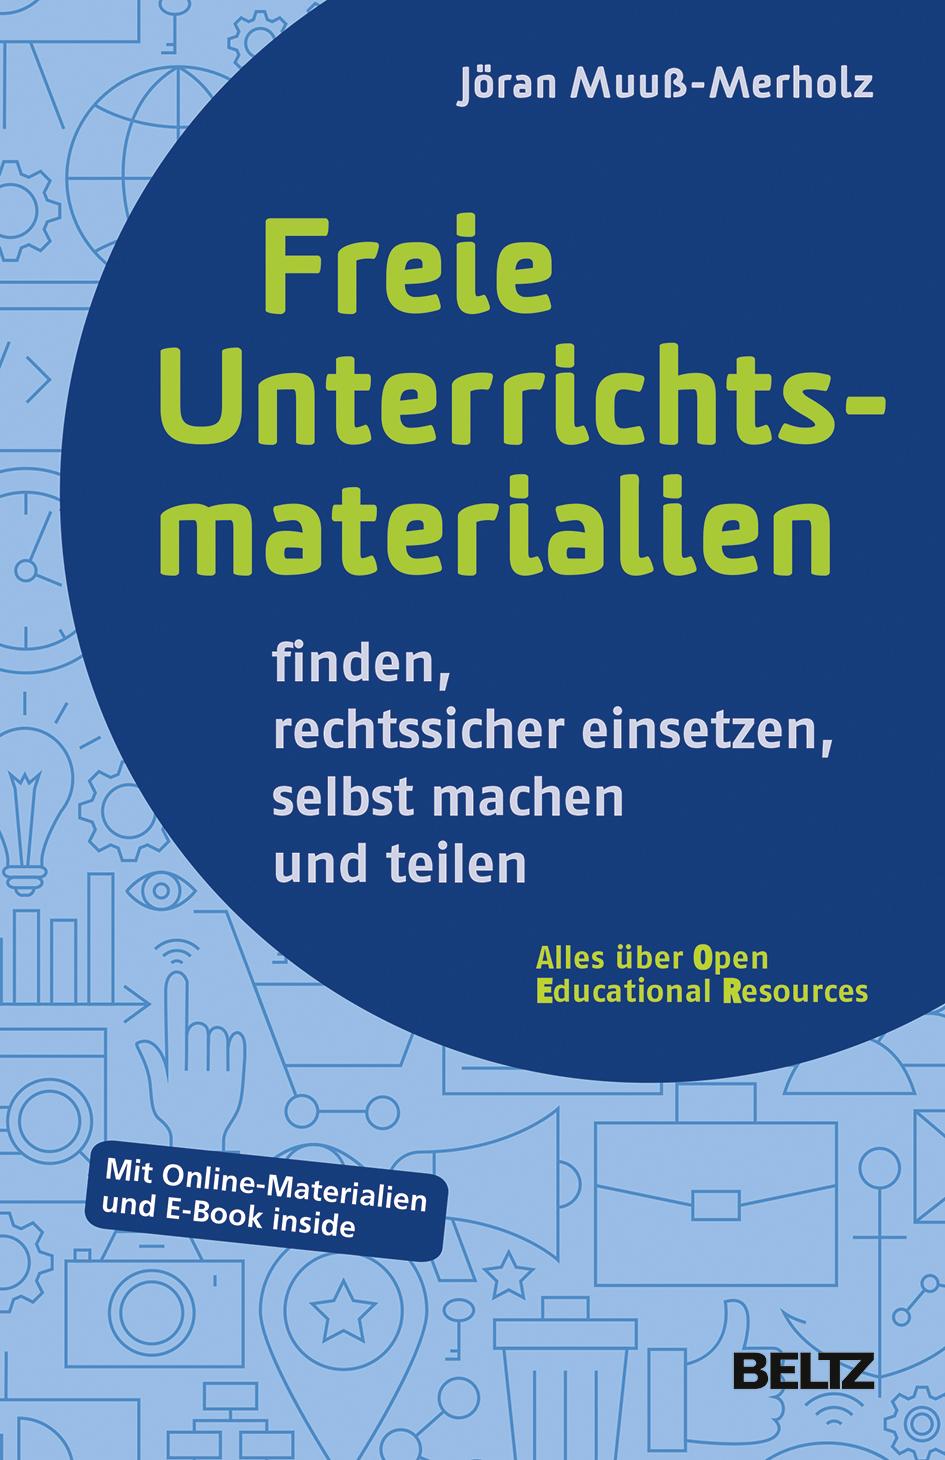 Urheberrecht und freie Lizenzen - 15 Fragen und Antworten ...